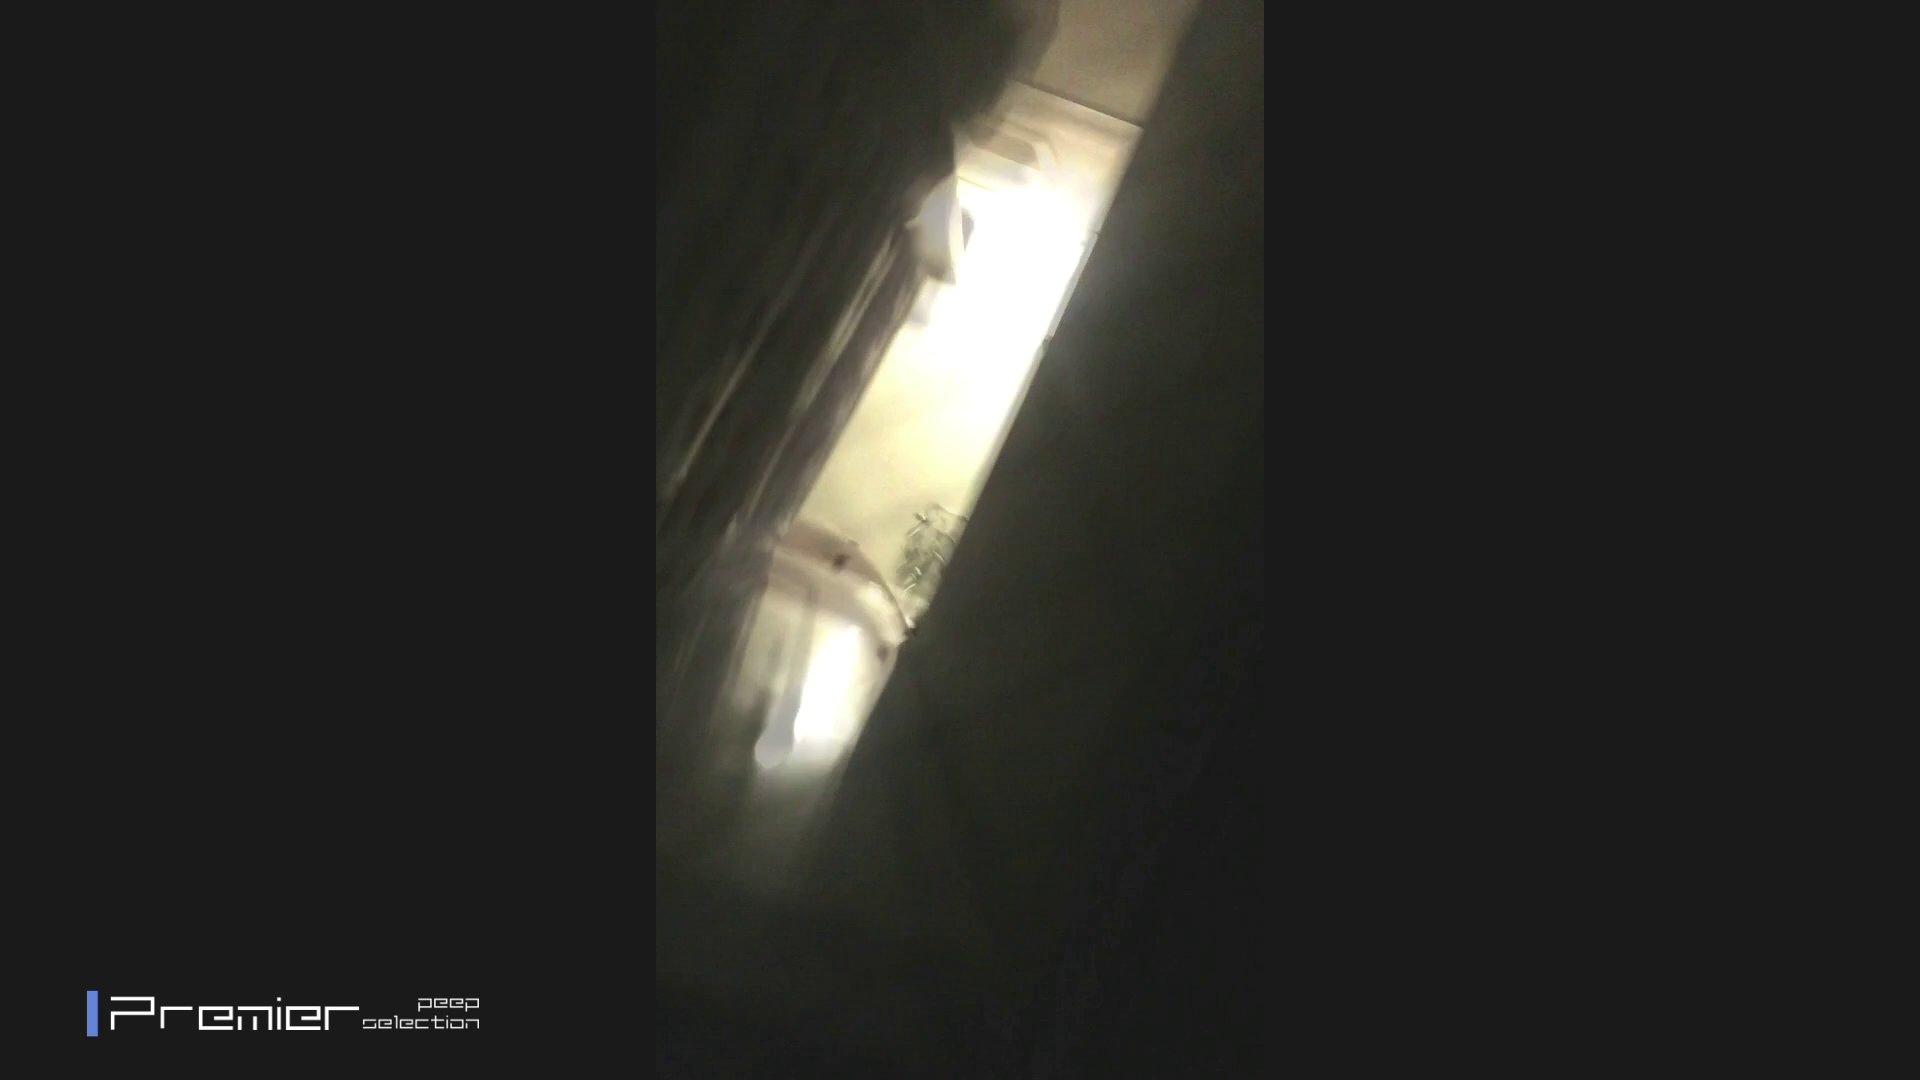 未公開★現役モデルのシャワー  美女達の私生活に潜入! 美肌 AV無料動画キャプチャ 108画像 101